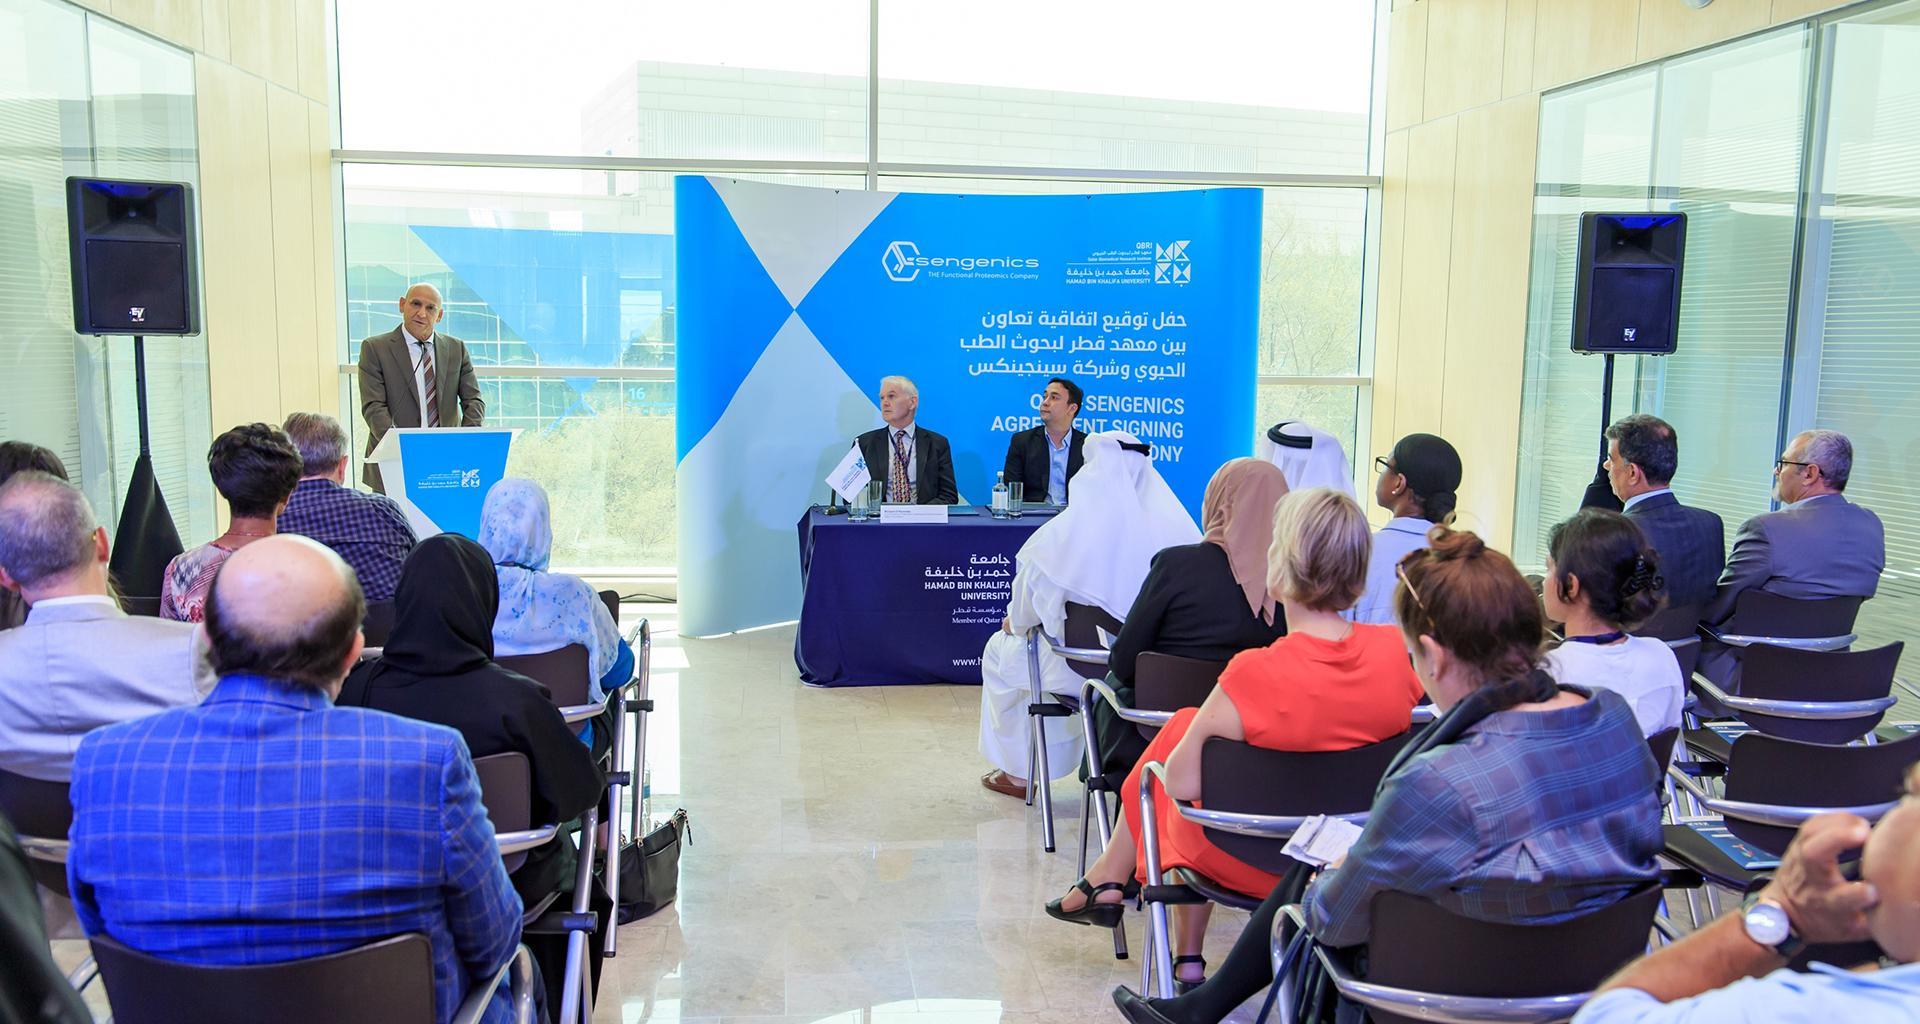 معهد قطر لبحوث الطب الحيوي يوقع اتفاقية شراكة مع  شركة عالمية للتكنولوجيا الحيوية